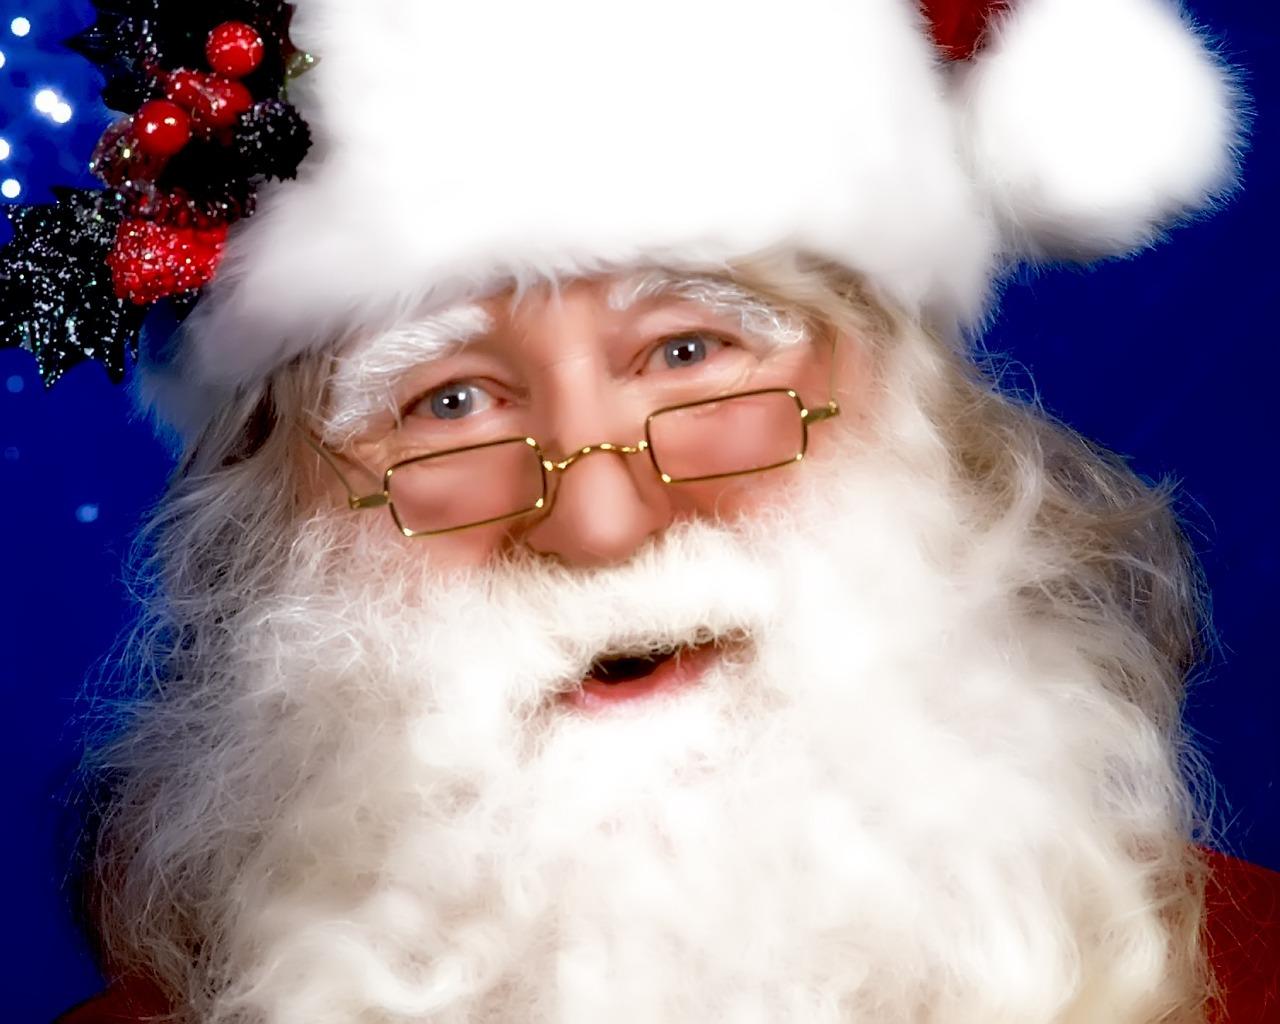 http://1.bp.blogspot.com/-nl7QjkkaTxY/TuFd_fbWEwI/AAAAAAAABr4/ou0zcXkoRdU/s1600/2011-christmas-wallpaper.jpg